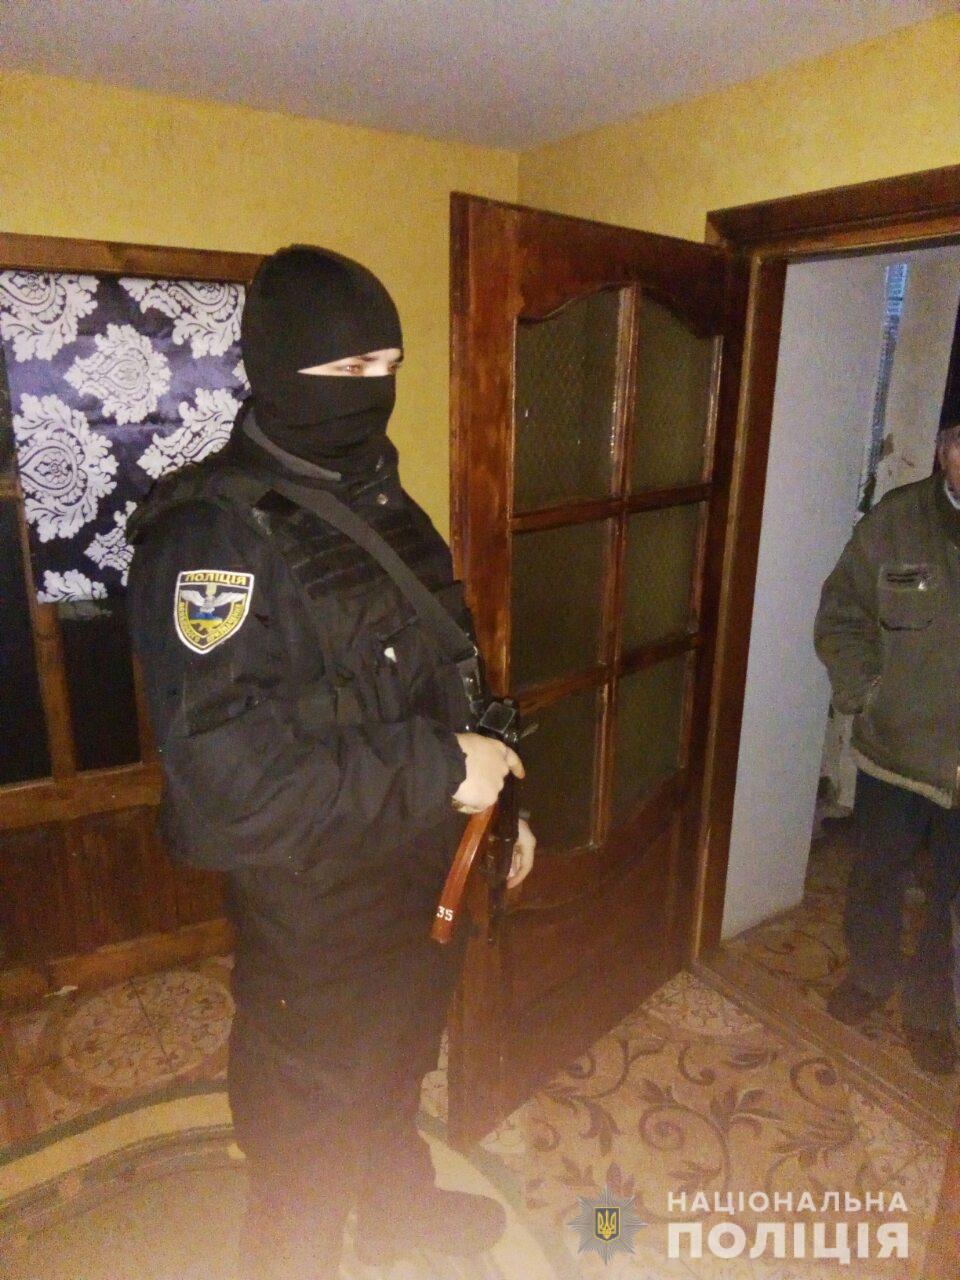 Правоохоронці Закарпаття вилучили вдома у чоловіка півкілограма марихуани